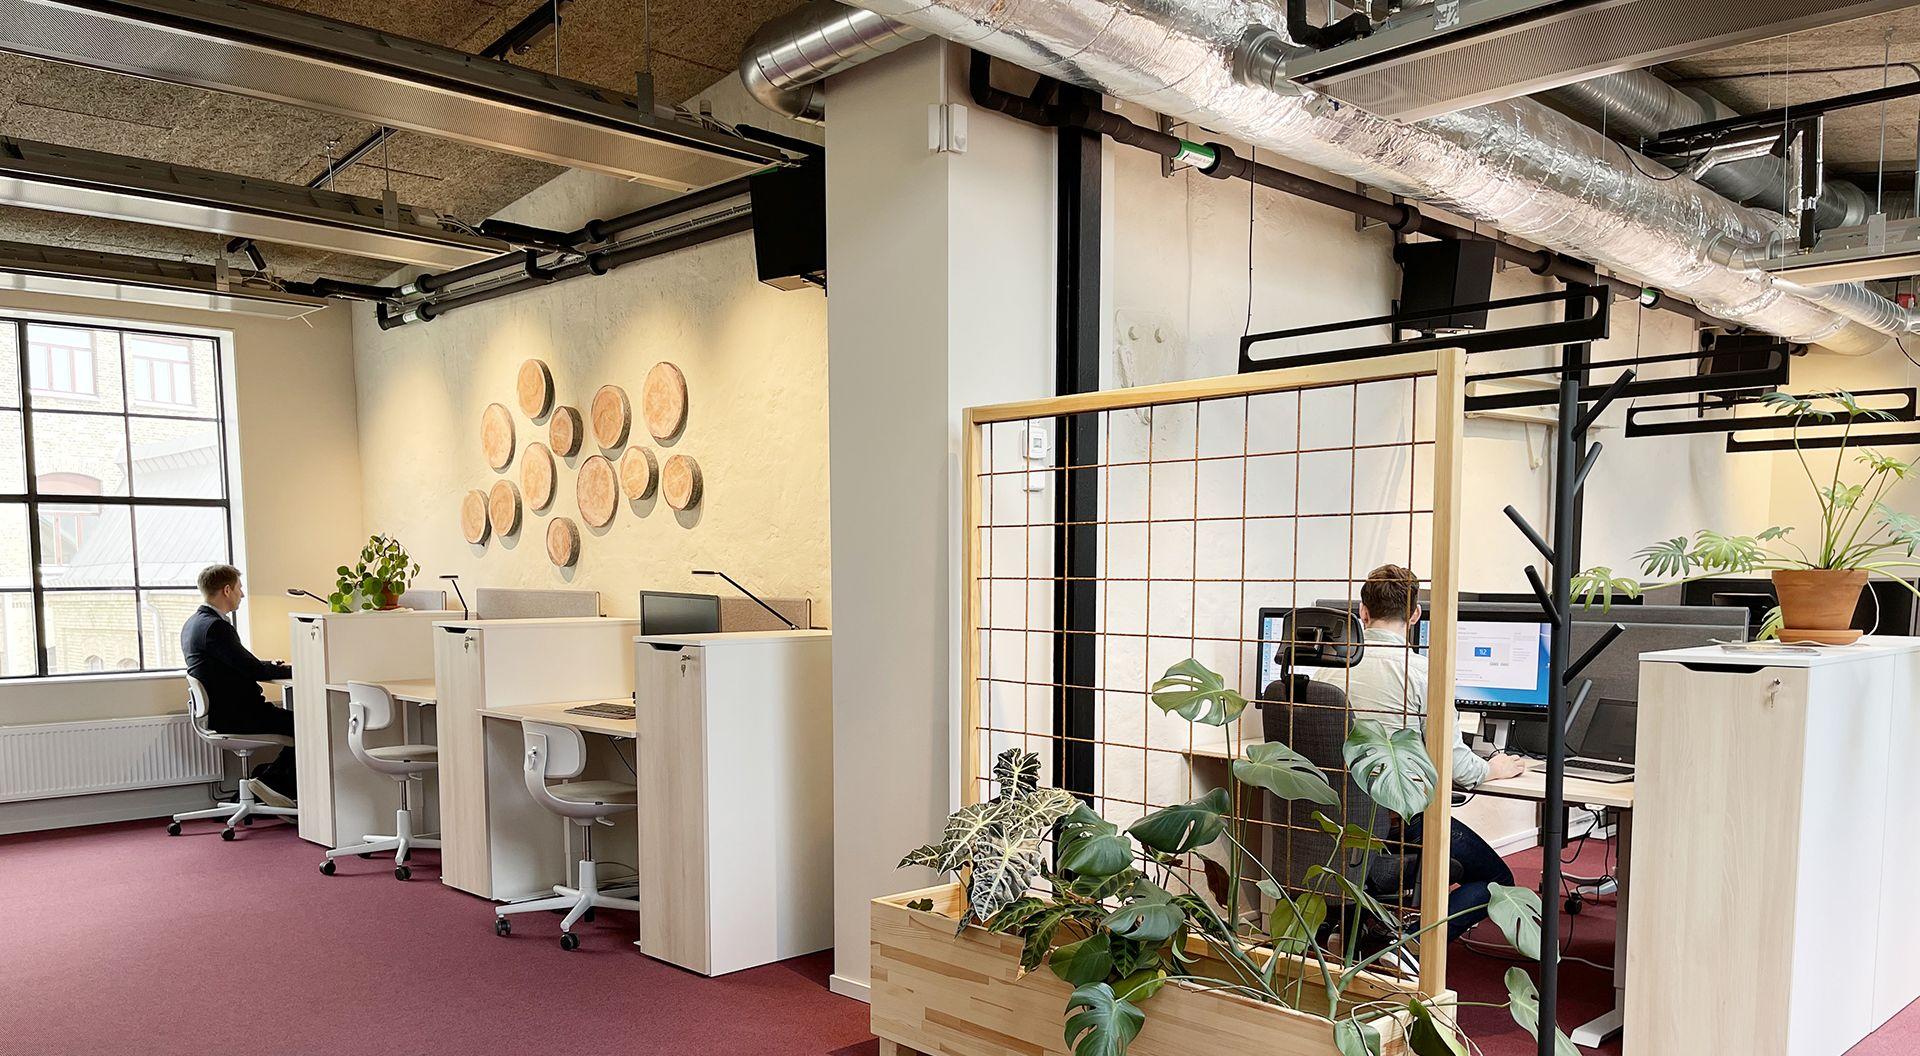 På översta våningen finns arbetsplatser med utsikt över fabriksområdet. Miljöerna är inspirerande med jordnära toner och man har också bevarat befintlig grov struktur från anslutande väggar för att ge lokalen en industriell karaktär.